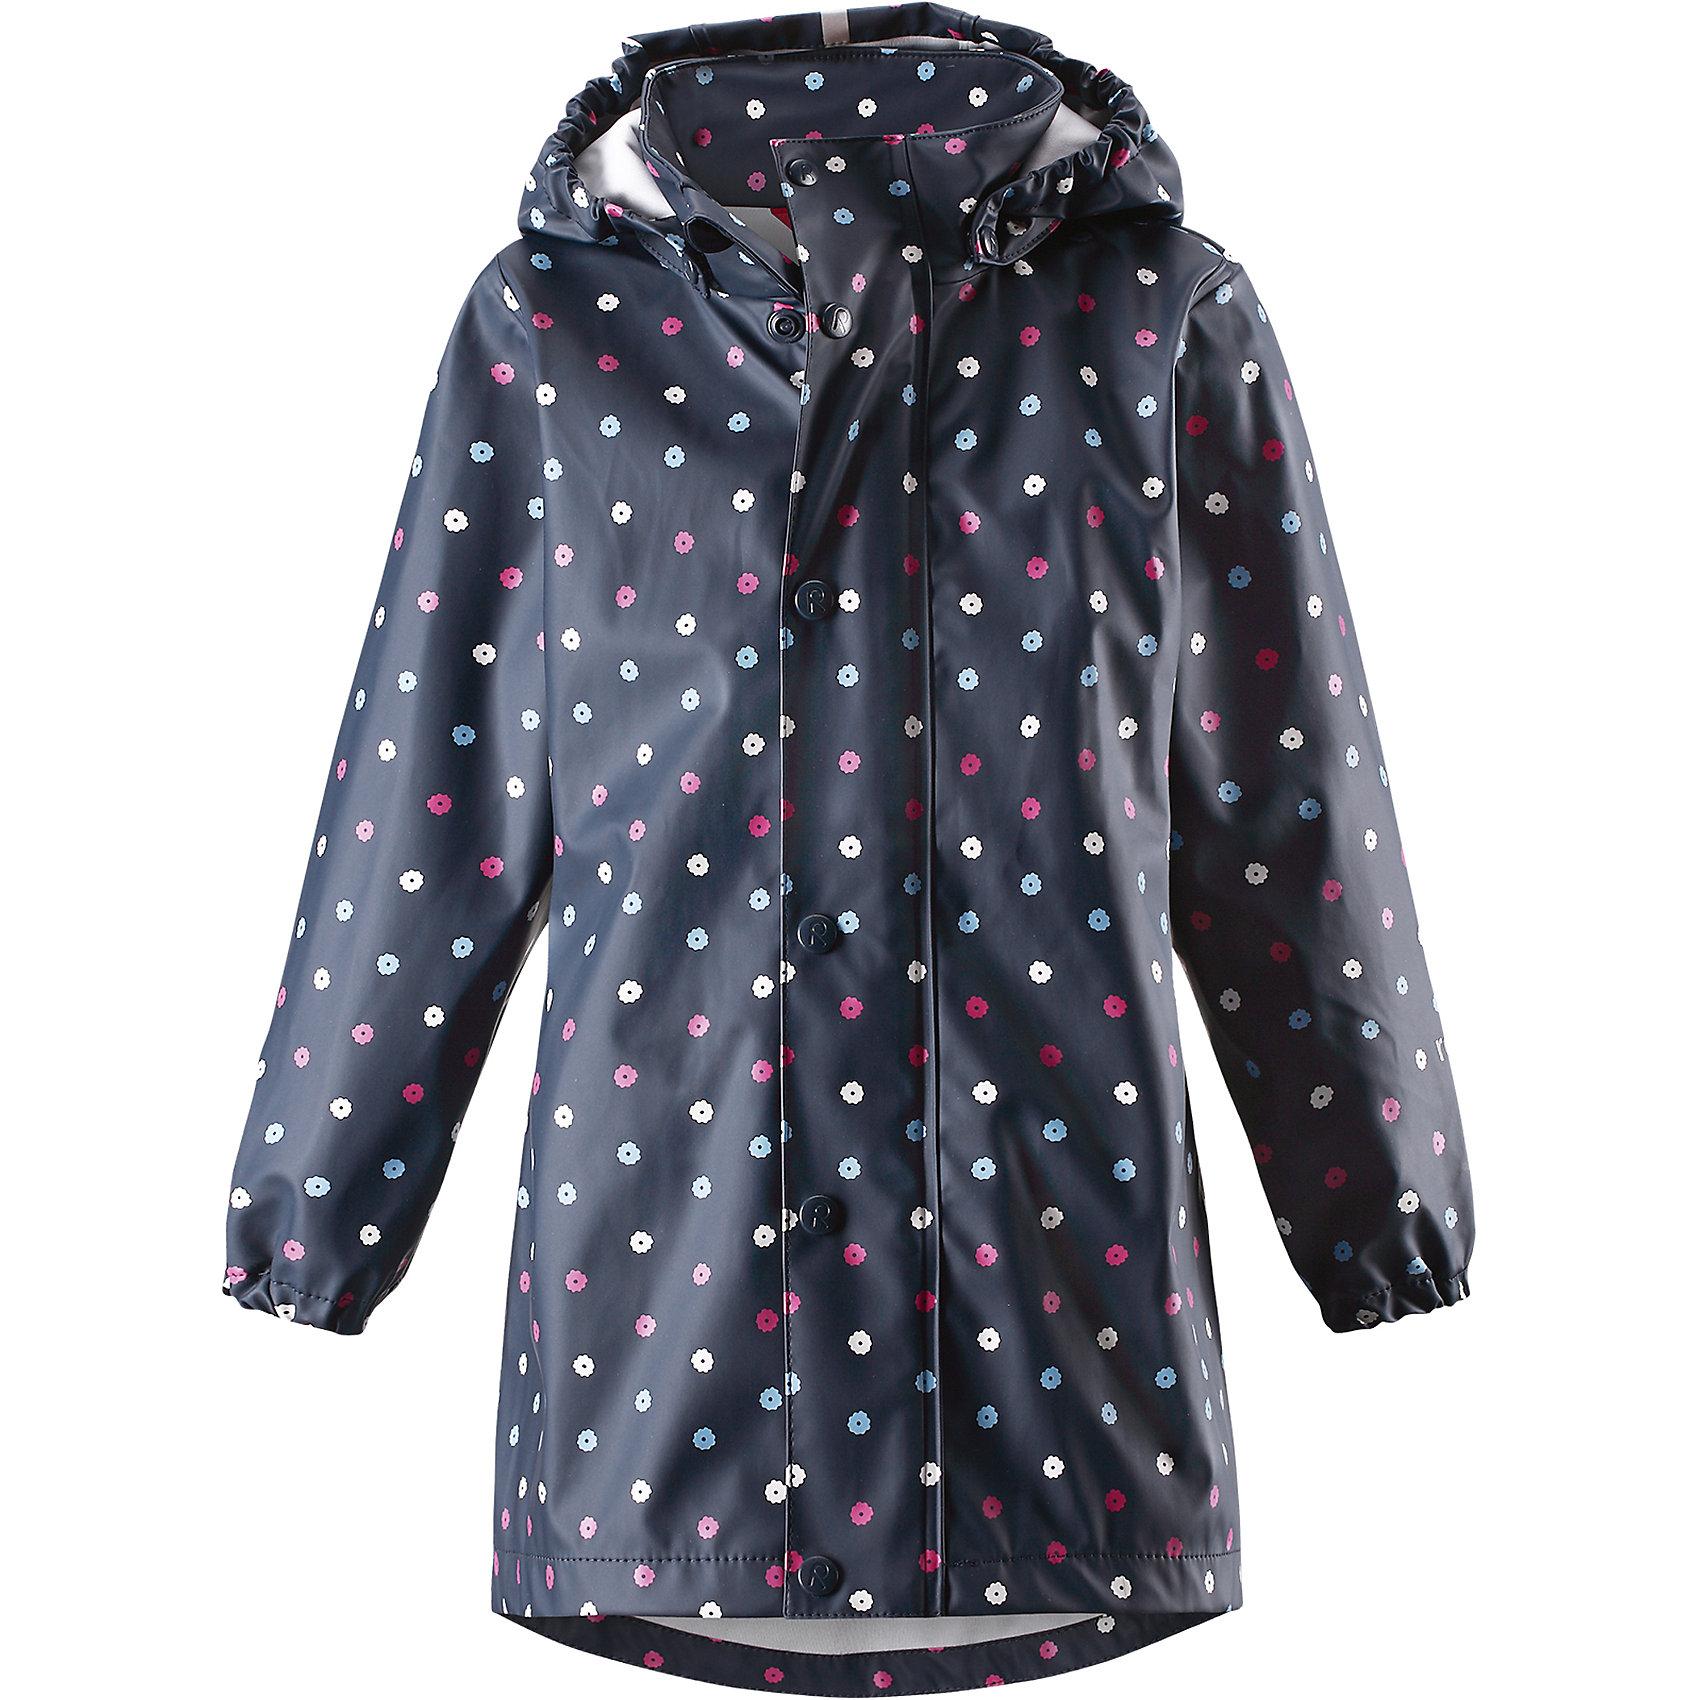 Плащ для девочки ReimaПлащ для девочки от финского бренда Reima.<br>Куртка-дождевик для детей. Запаянные швы, не пропускающие влагу. Эластичный материал. Без ПХВ. Крой для девочек. Безопасный, съемный капюшон. Эластичные манжеты. Молния спереди.<br>Состав:<br>100% Полиэстер, полиуретановое покрытие<br><br>Уход:<br>Стирать по отдельности, вывернув наизнанку. Застегнуть молнии и липучки. Стирать моющим средством, не содержащим отбеливающие вещества. Полоскать без специального средства. Во избежание изменения цвета изделие необходимо вынуть из стиральной машинки незамедлительно после окончания программы стирки. Сушить при низкой температуре.<br><br>Ширина мм: 356<br>Глубина мм: 10<br>Высота мм: 245<br>Вес г: 519<br>Цвет: синий<br>Возраст от месяцев: 108<br>Возраст до месяцев: 120<br>Пол: Женский<br>Возраст: Детский<br>Размер: 140,134,128,122,116,110,104<br>SKU: 5268554